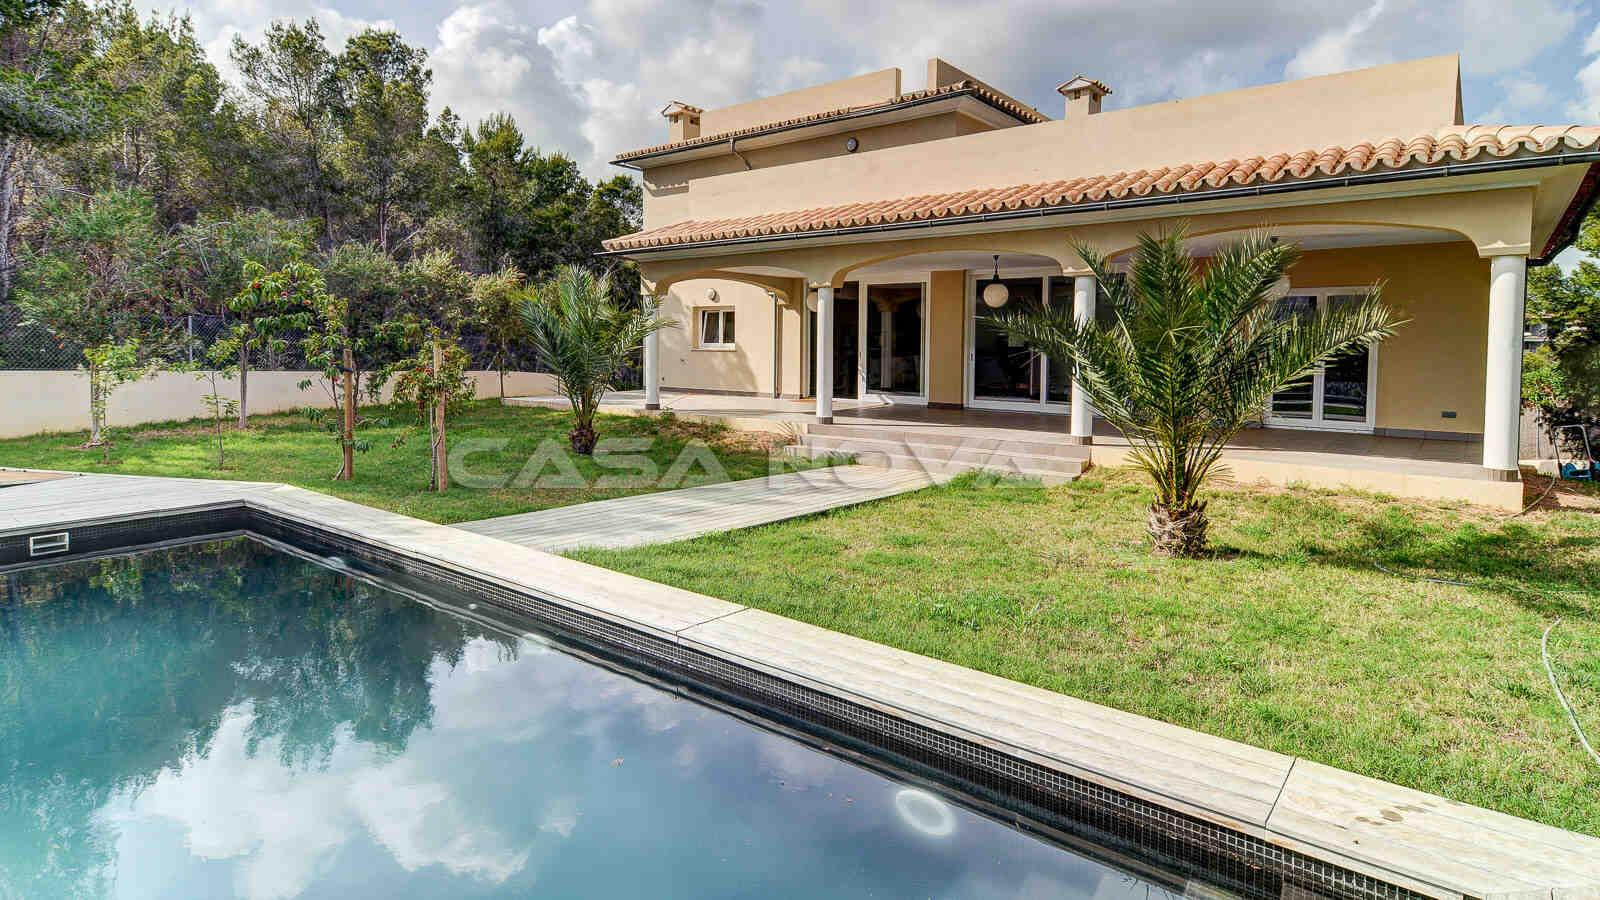 Traumhafter, sehr gepflegter Garten mit Pool der Mallorca Villa